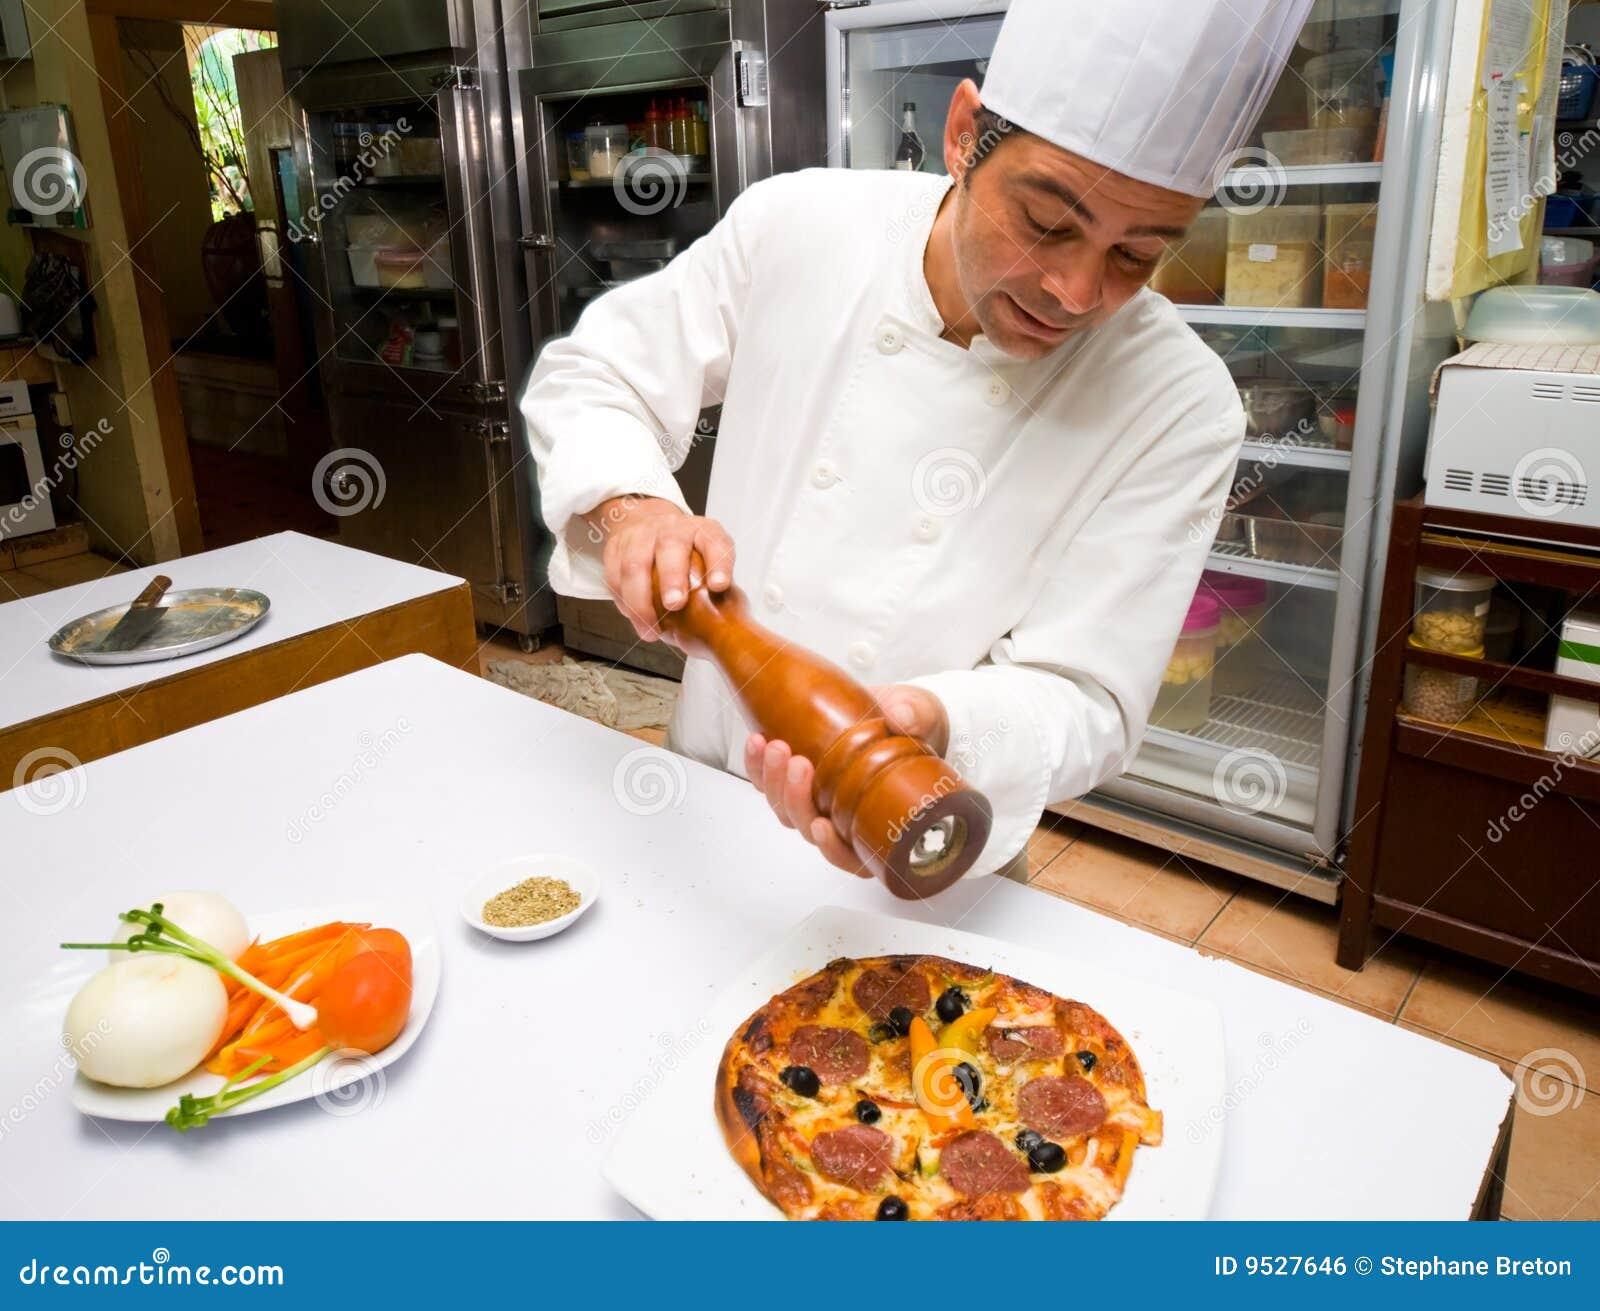 Don Vito's Italian Restaurant, Daytona Beach